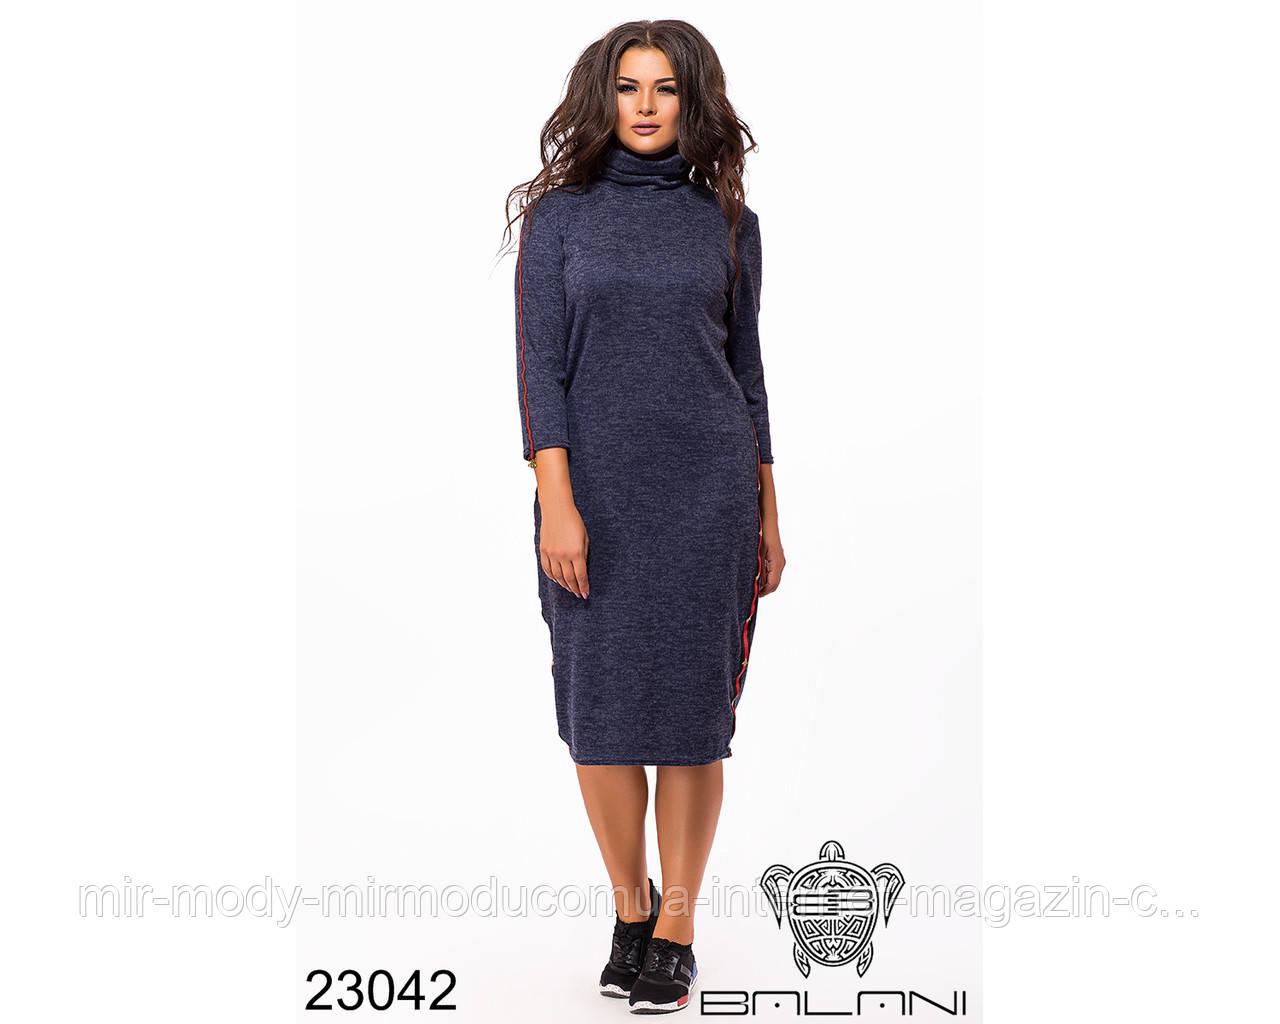 Платье спортивное - 23042 с 48 по 52 размер (бн)